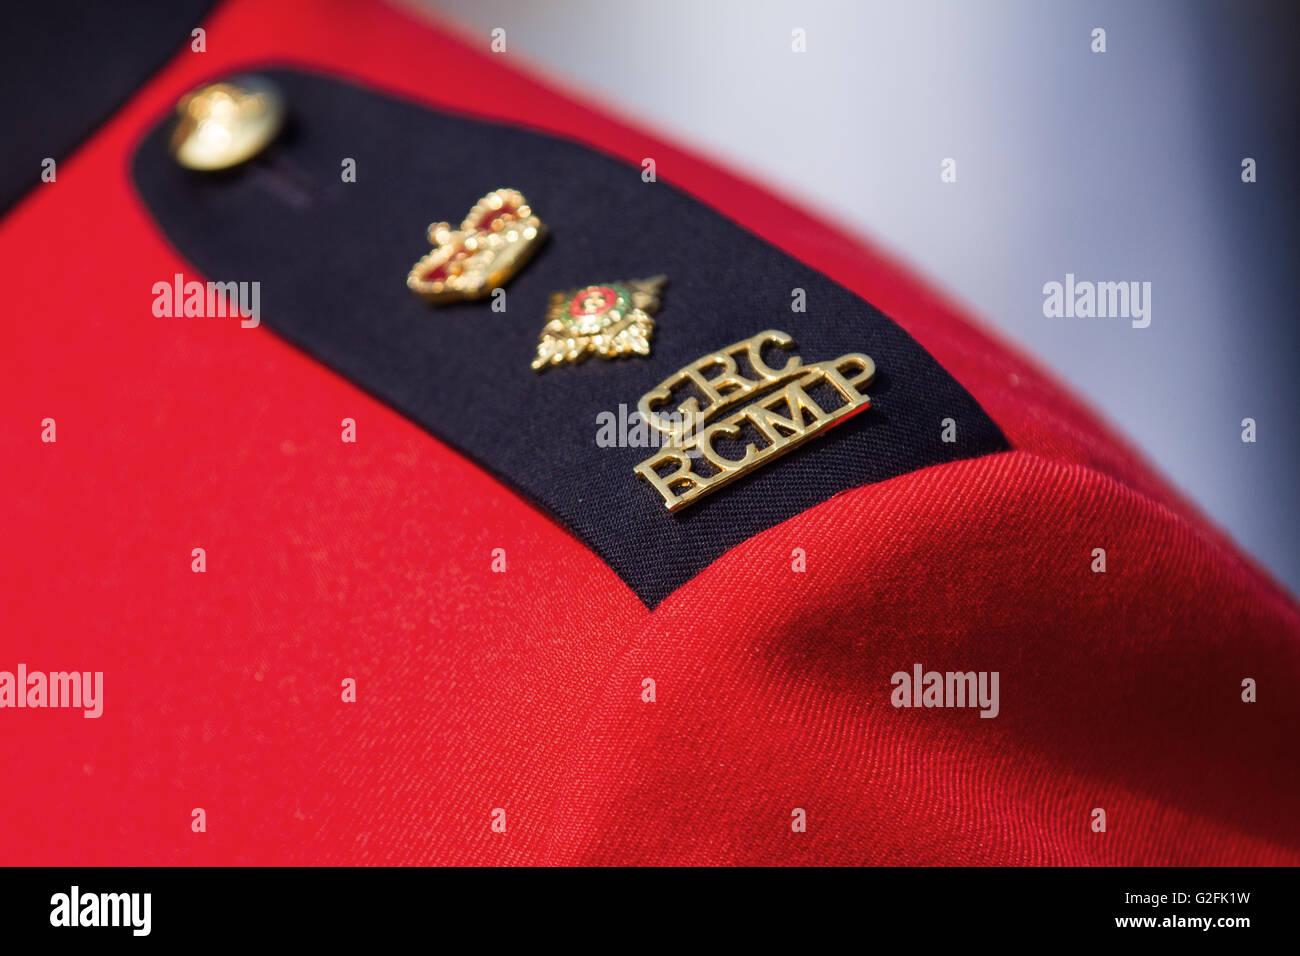 Rcmp Stock Photos Amp Rcmp Stock Images Alamy